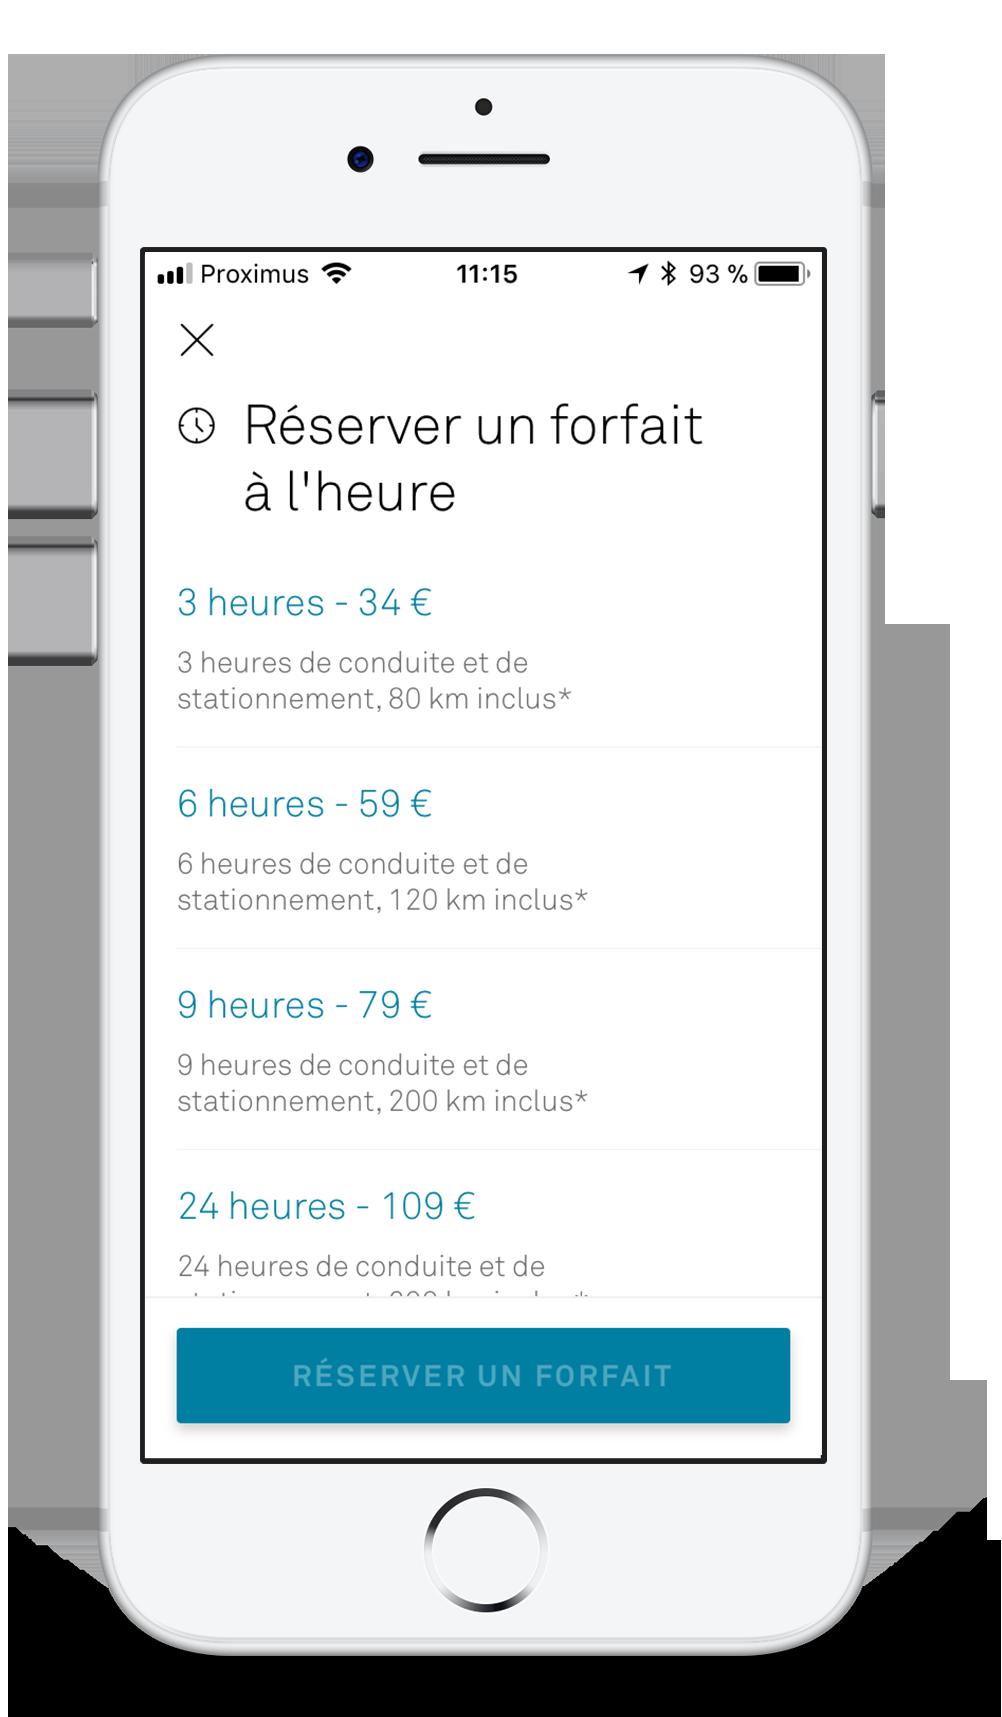 Réservez un forfait horaire via l'app